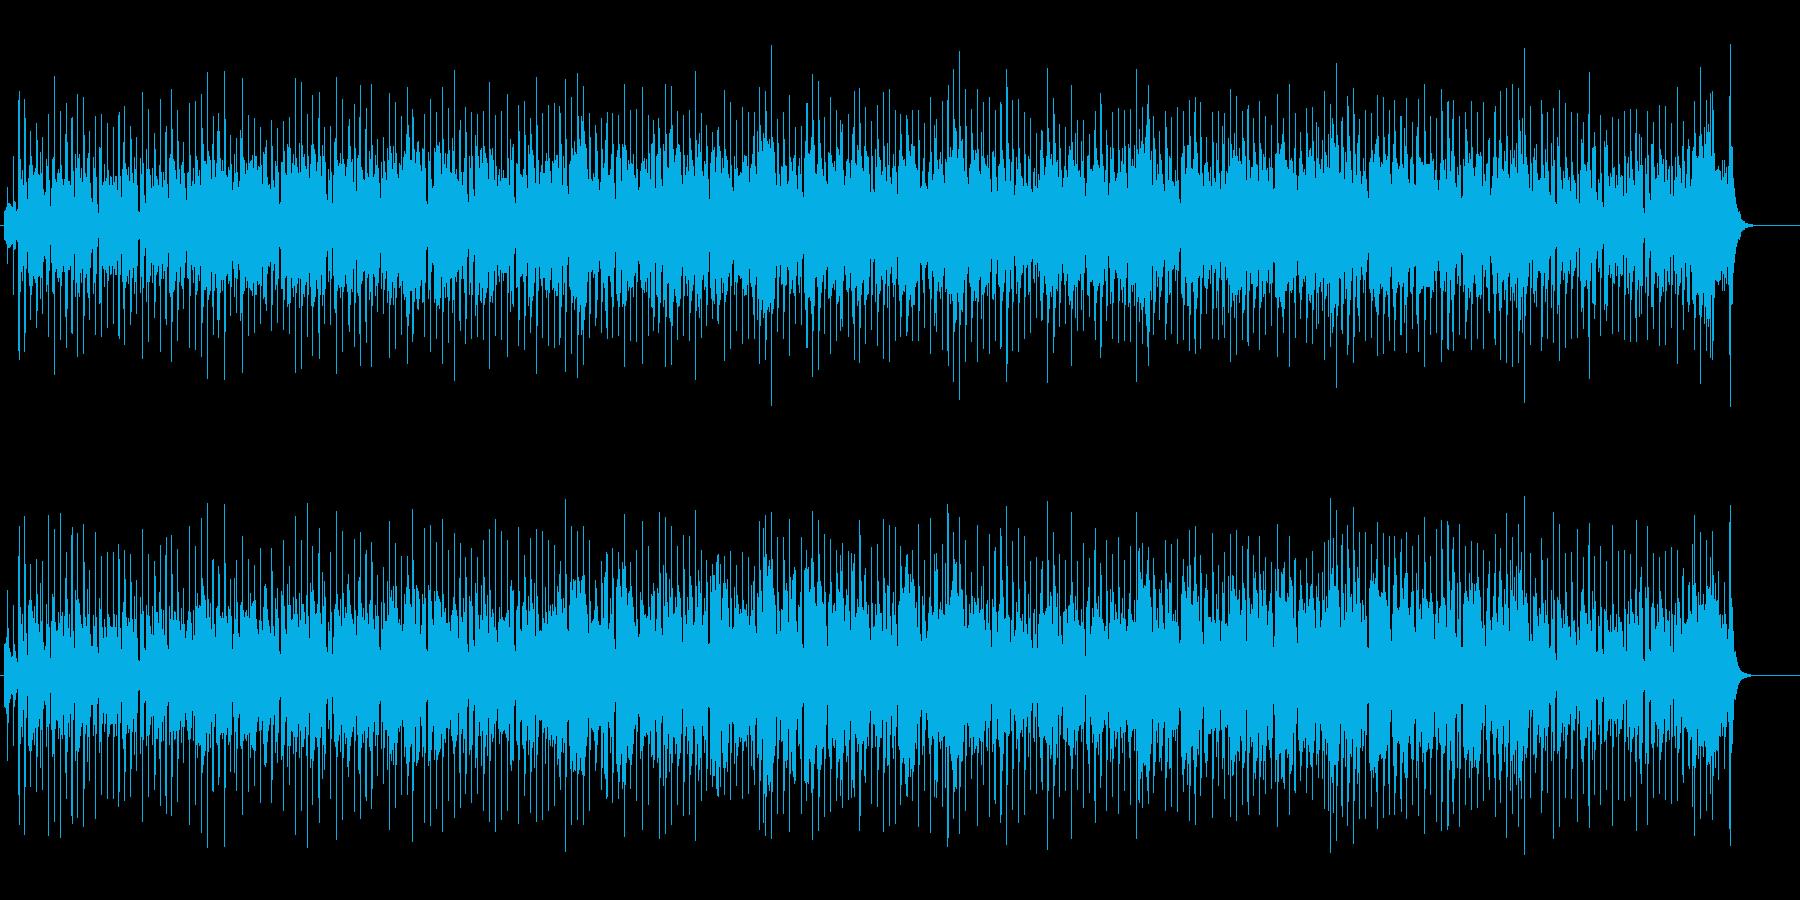 避暑地感覚のトロピカルなレゲエ風ポップスの再生済みの波形